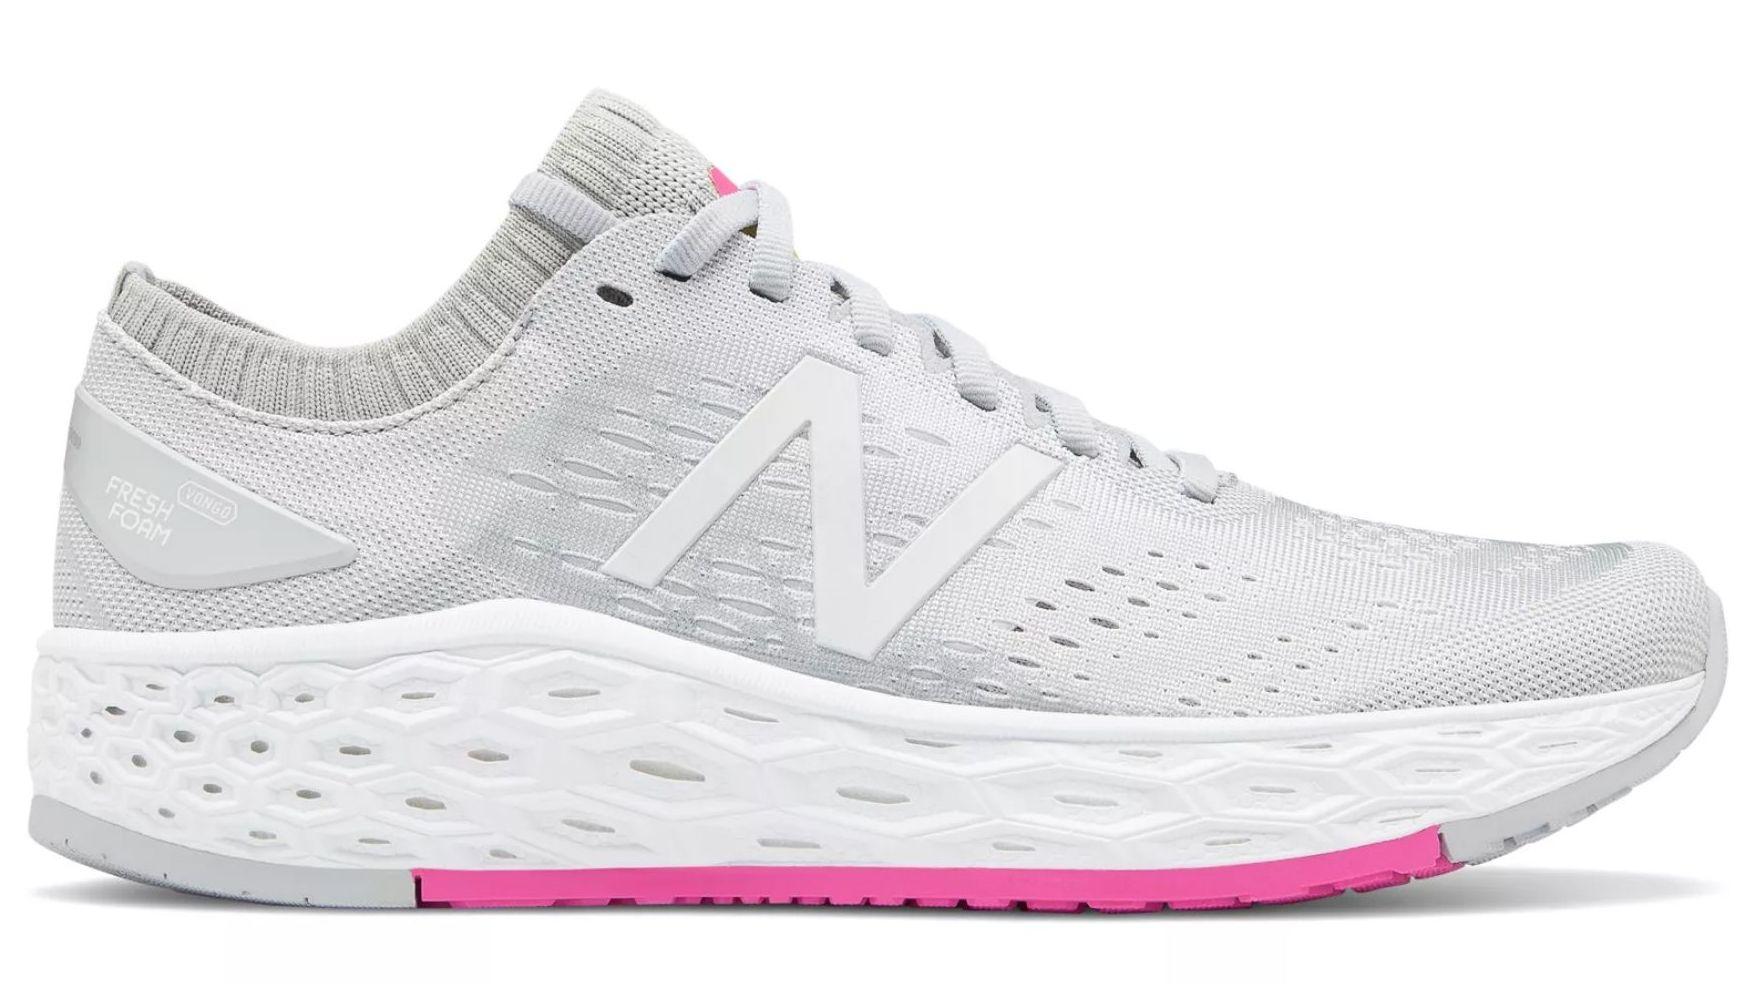 best sneakers de7cc 1523b Best New Balance Running Shoes | New Balance Shoe Reviews 2019